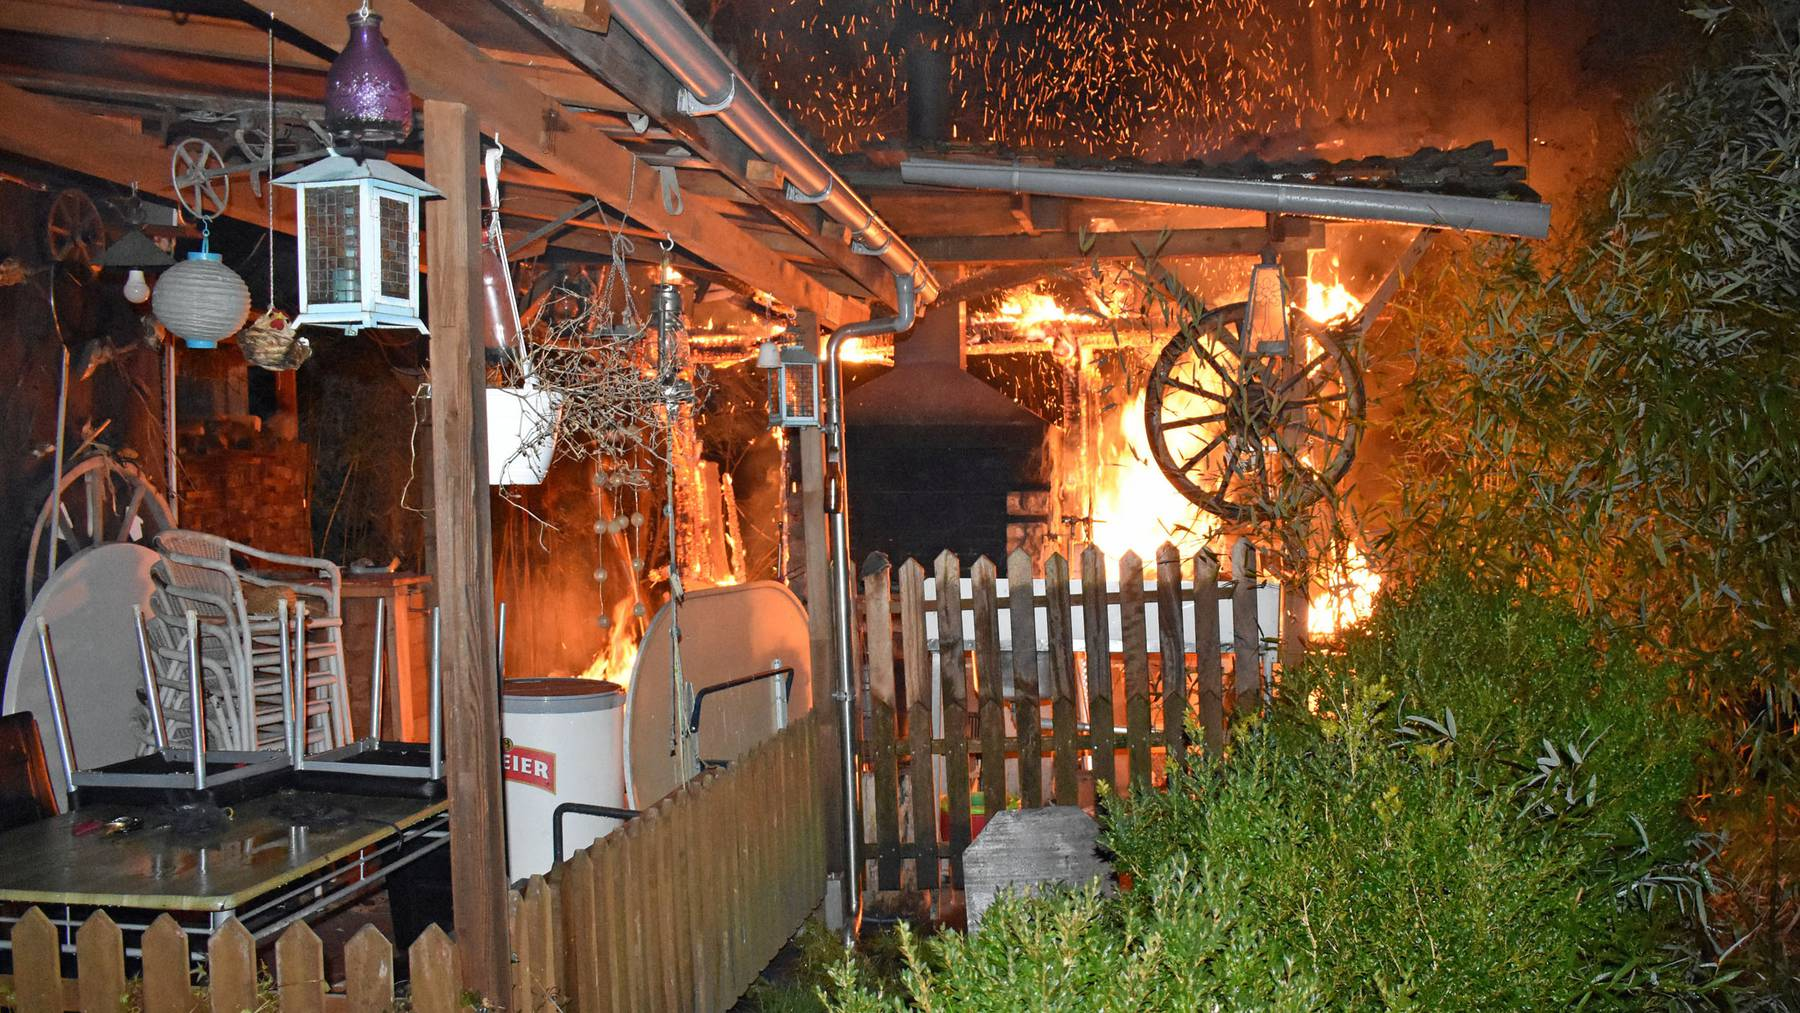 Gartenlaube in Hochdorf gerät in Brand